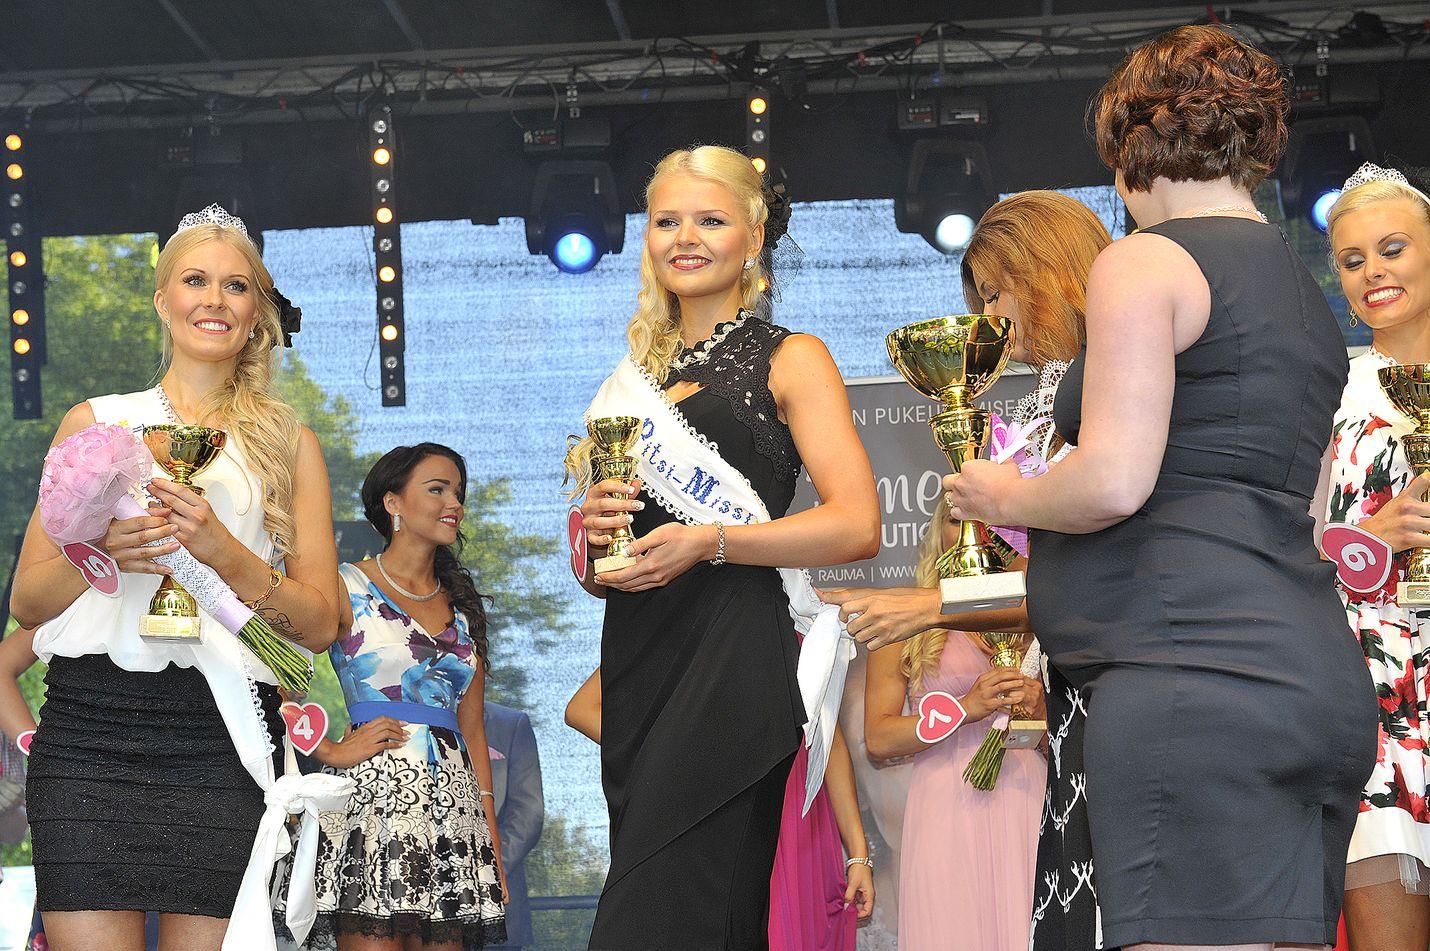 Jenni Peräinen on iloinen valinnastaan Pitsimissiksi. Vasemmalla toinen perintöprinsessa Carita Pesonen.